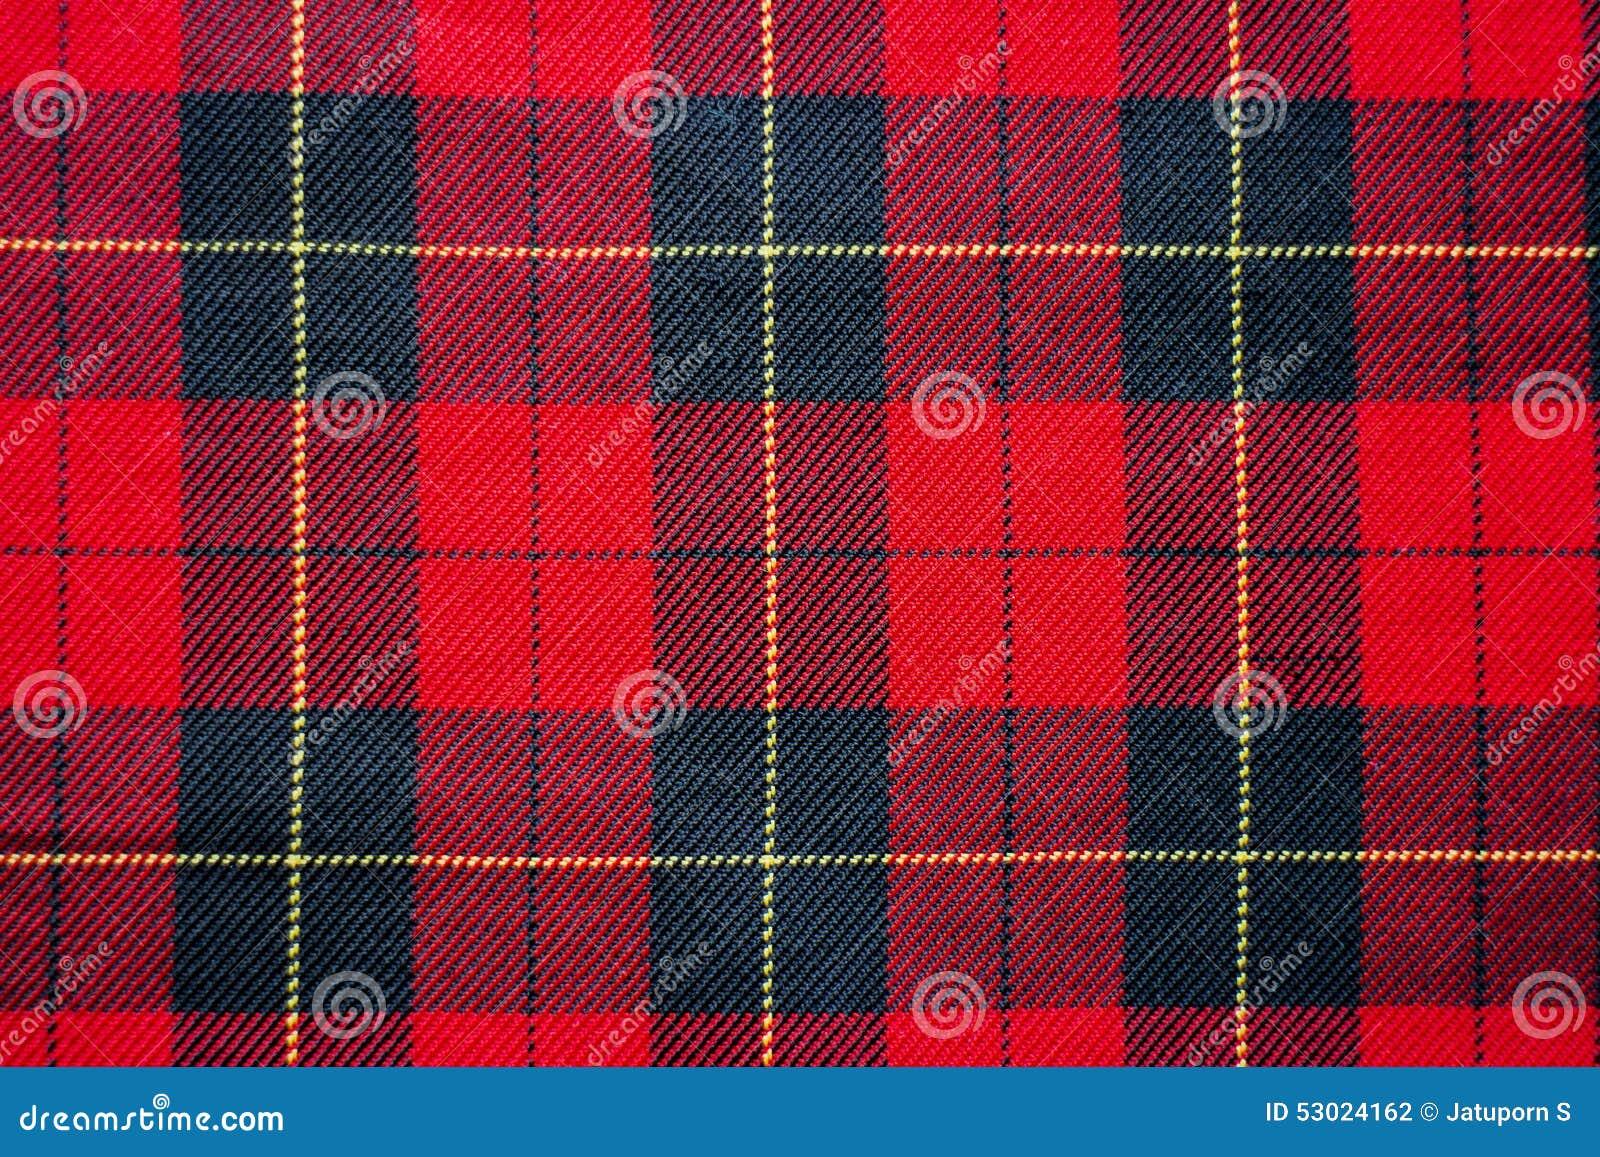 carreaux rouge et noir classique photo stock image 53024162. Black Bedroom Furniture Sets. Home Design Ideas